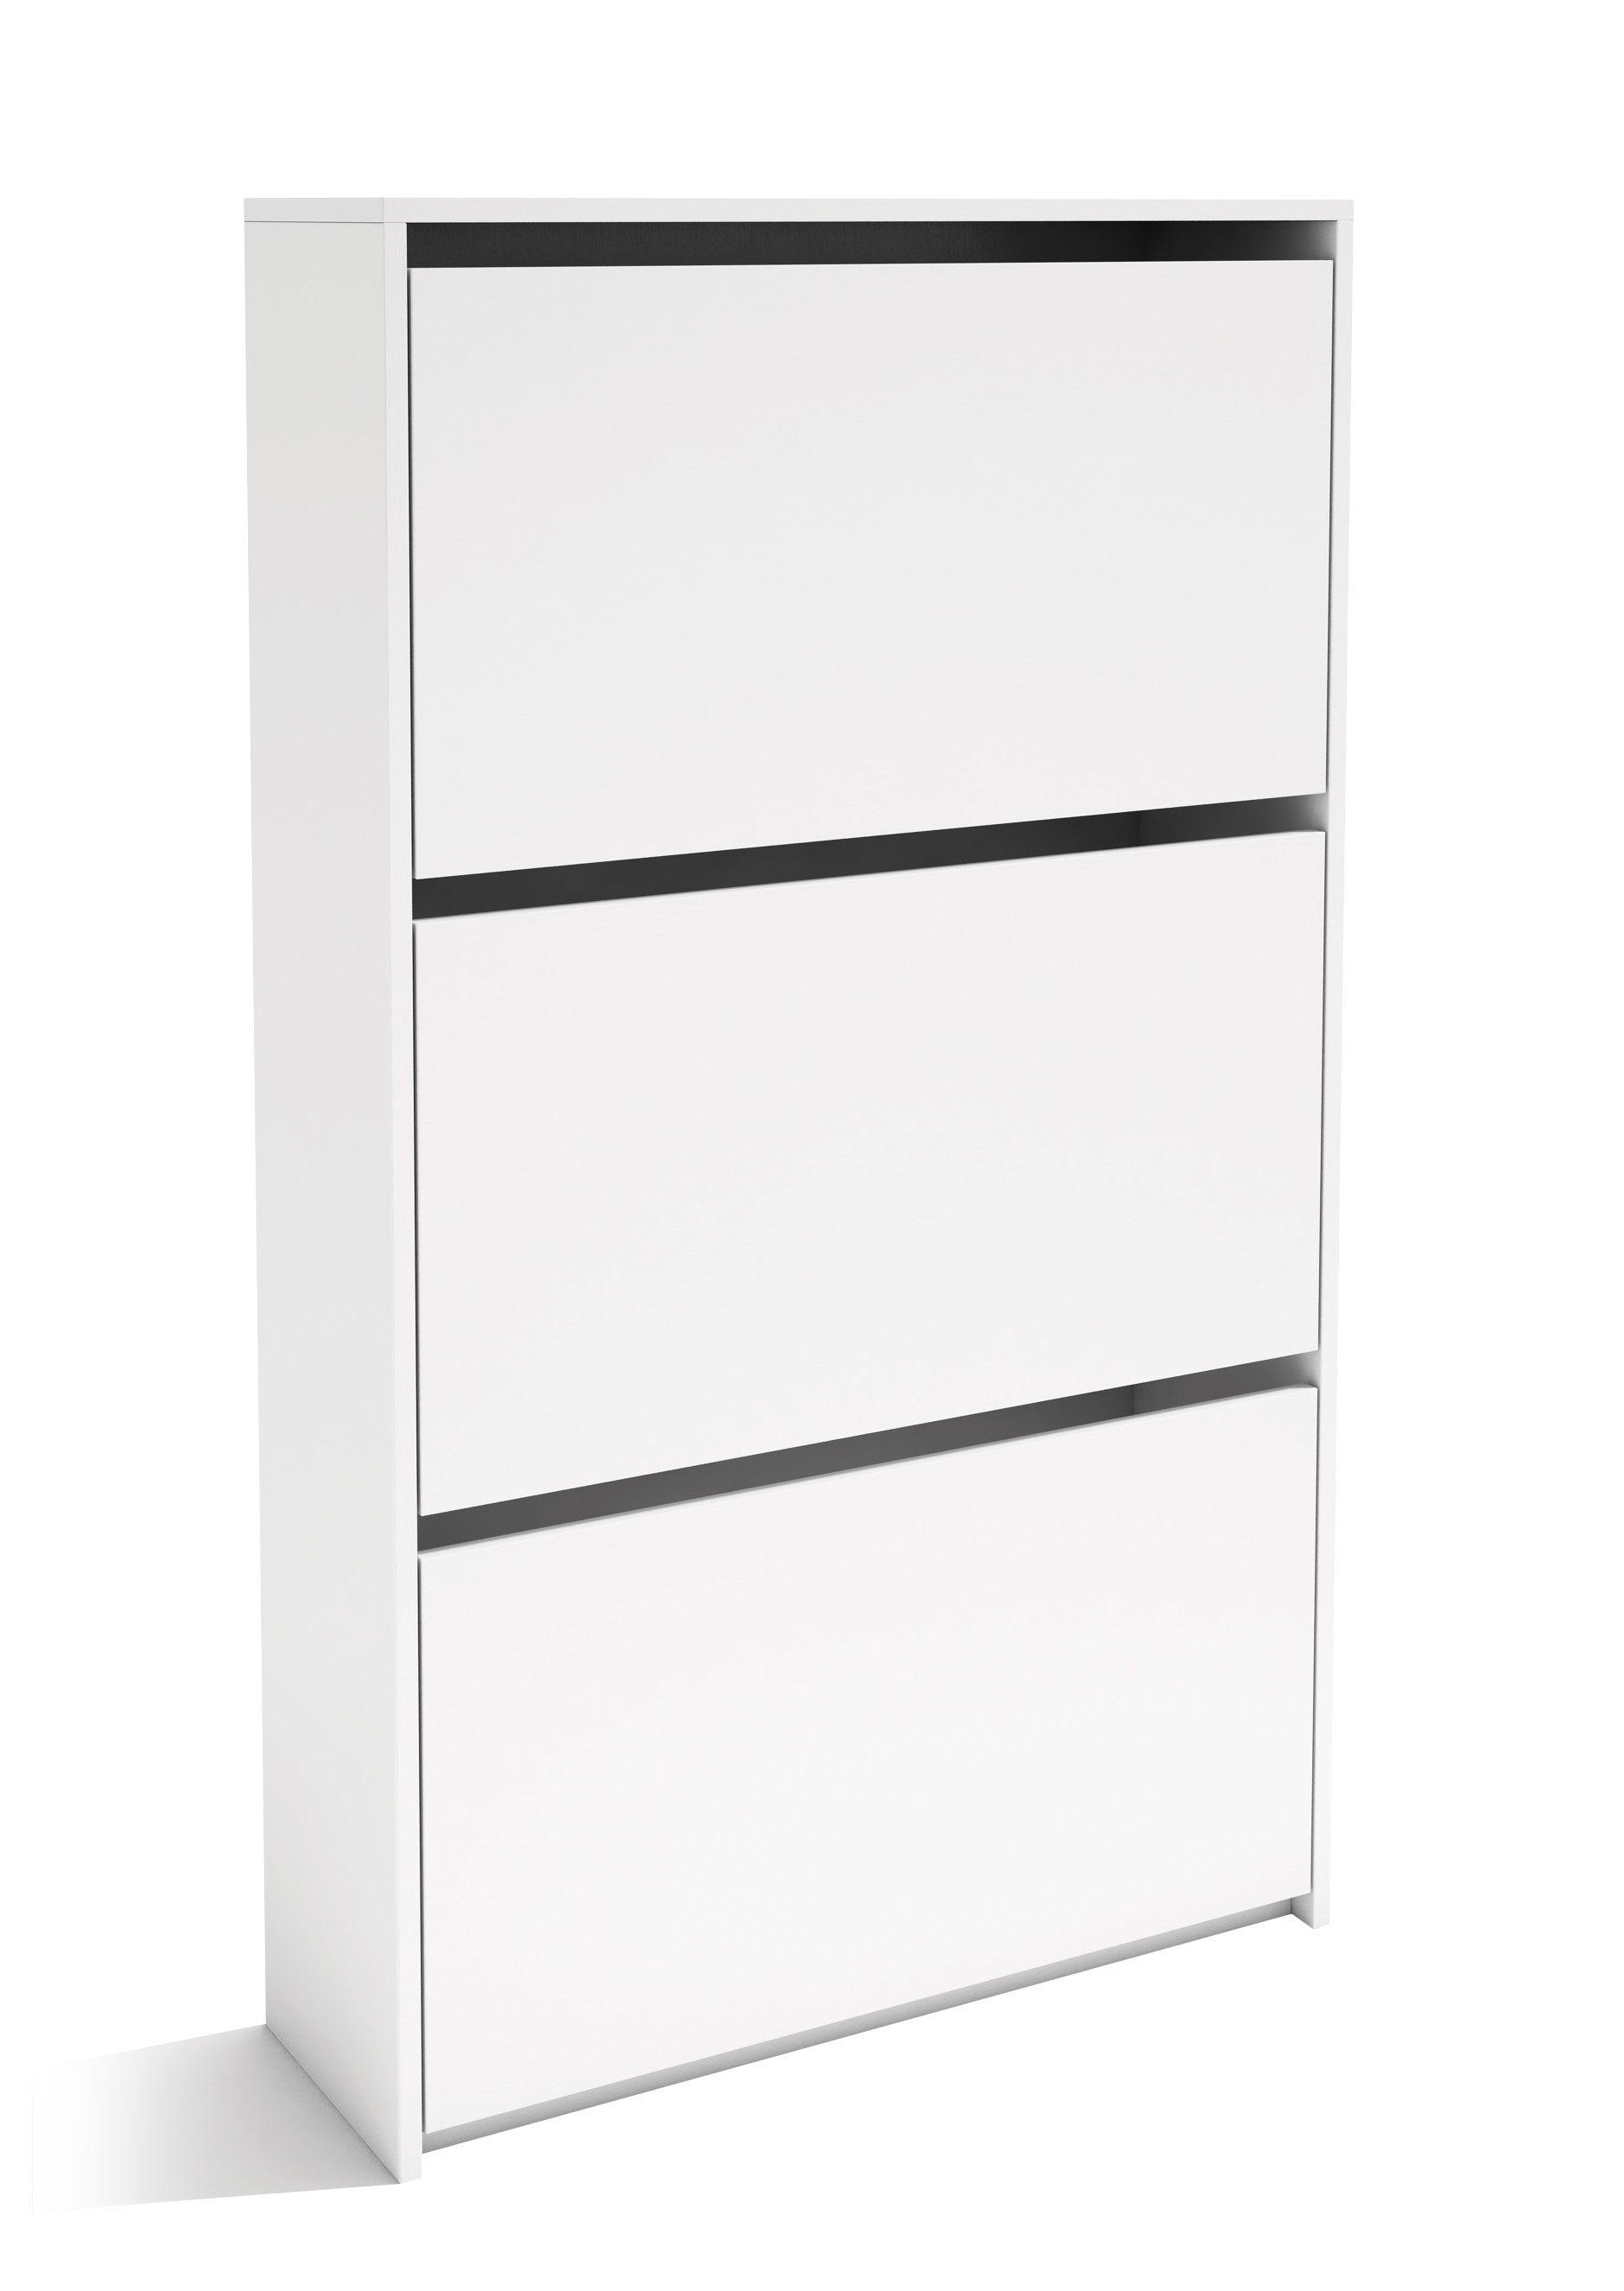 Comprar zapatero maine 3 puertas blanco escritorios for Zapateros pequenos baratos